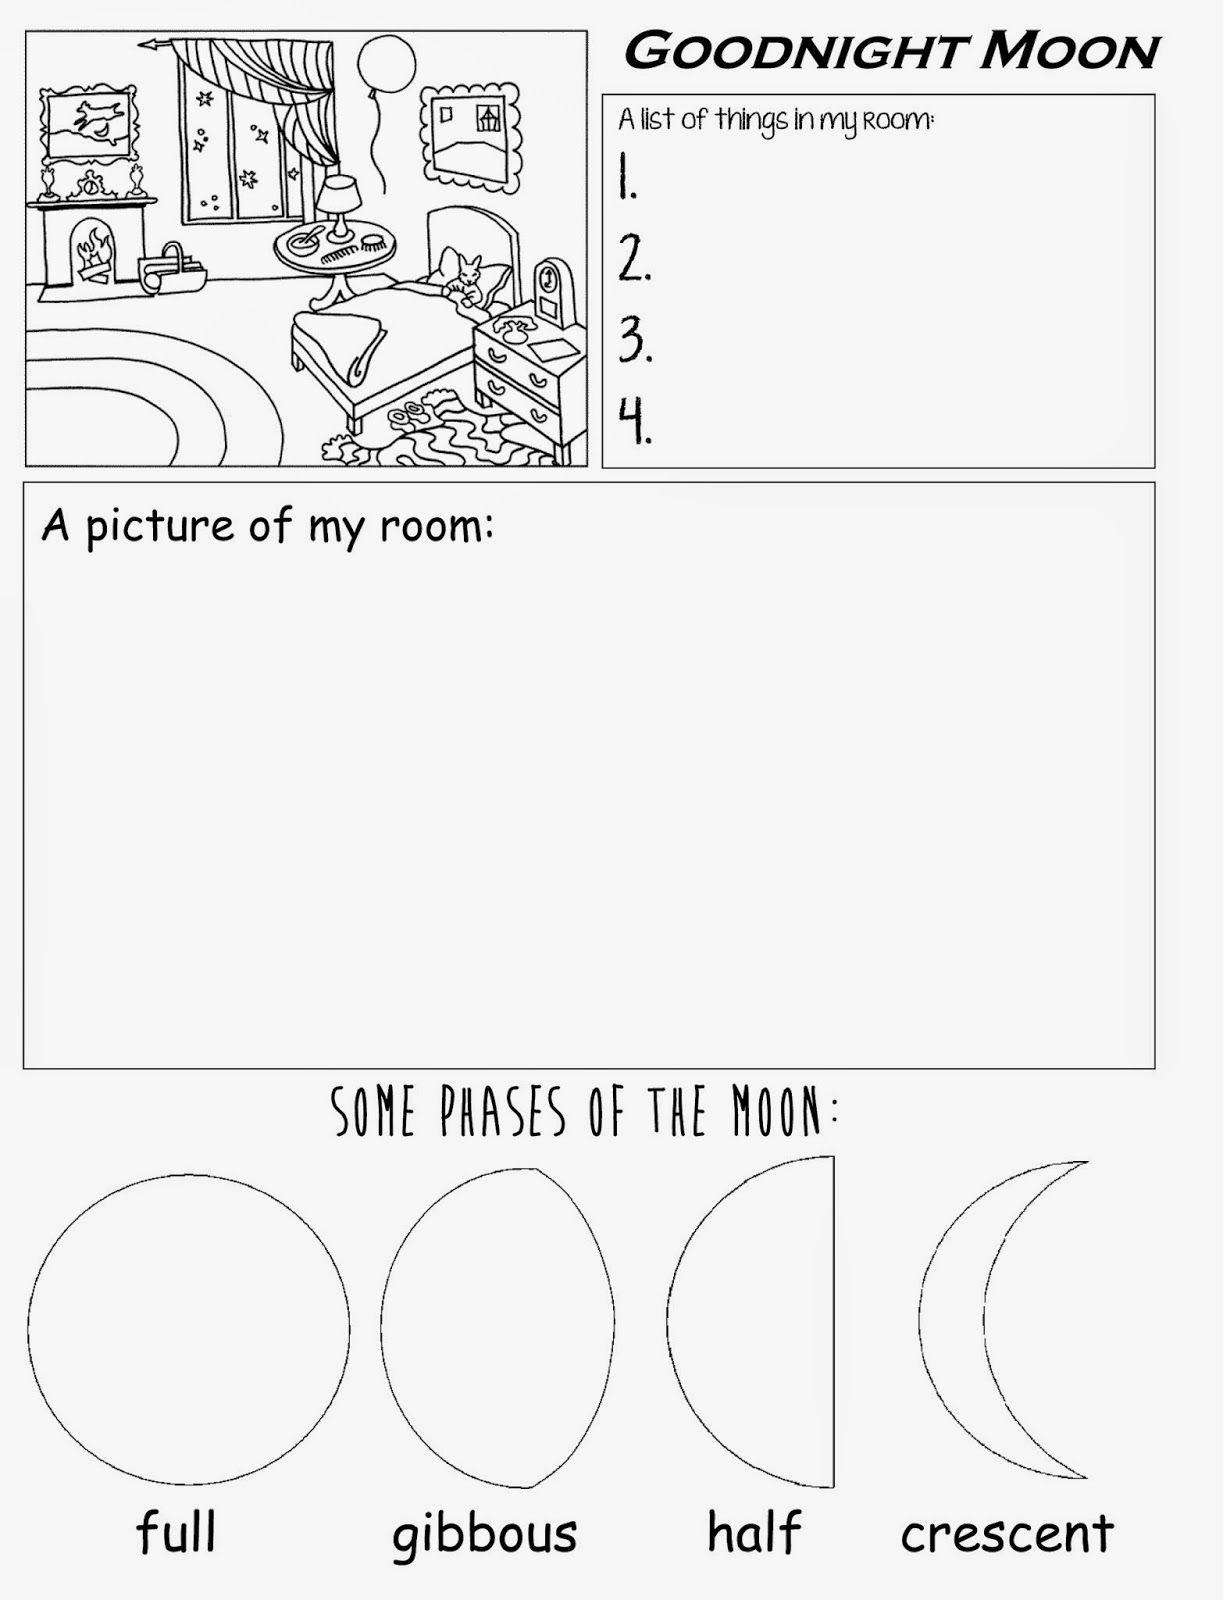 Goodnight Moon Free Printable Worksheet For Preschool Kindergarten   Free Printable Homework Worksheets